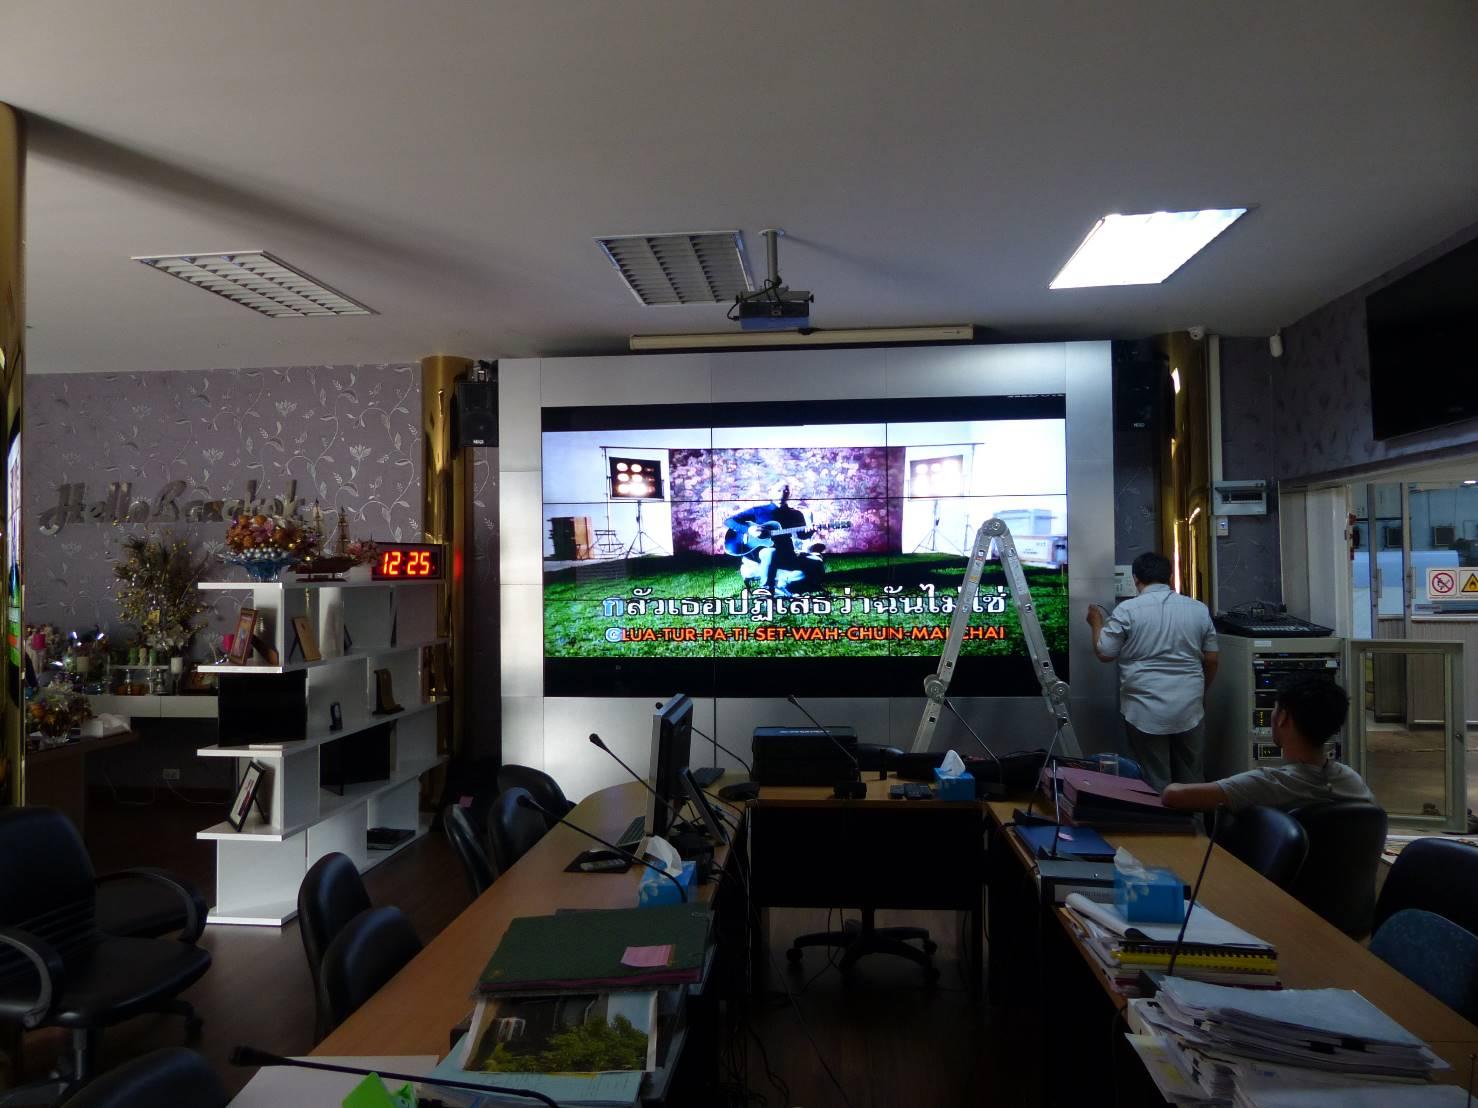 Bangkok LED - บริษัท เดอะเบสท์ มัลติมีเดีย โปรเฟสชั่นแนล จำกัด